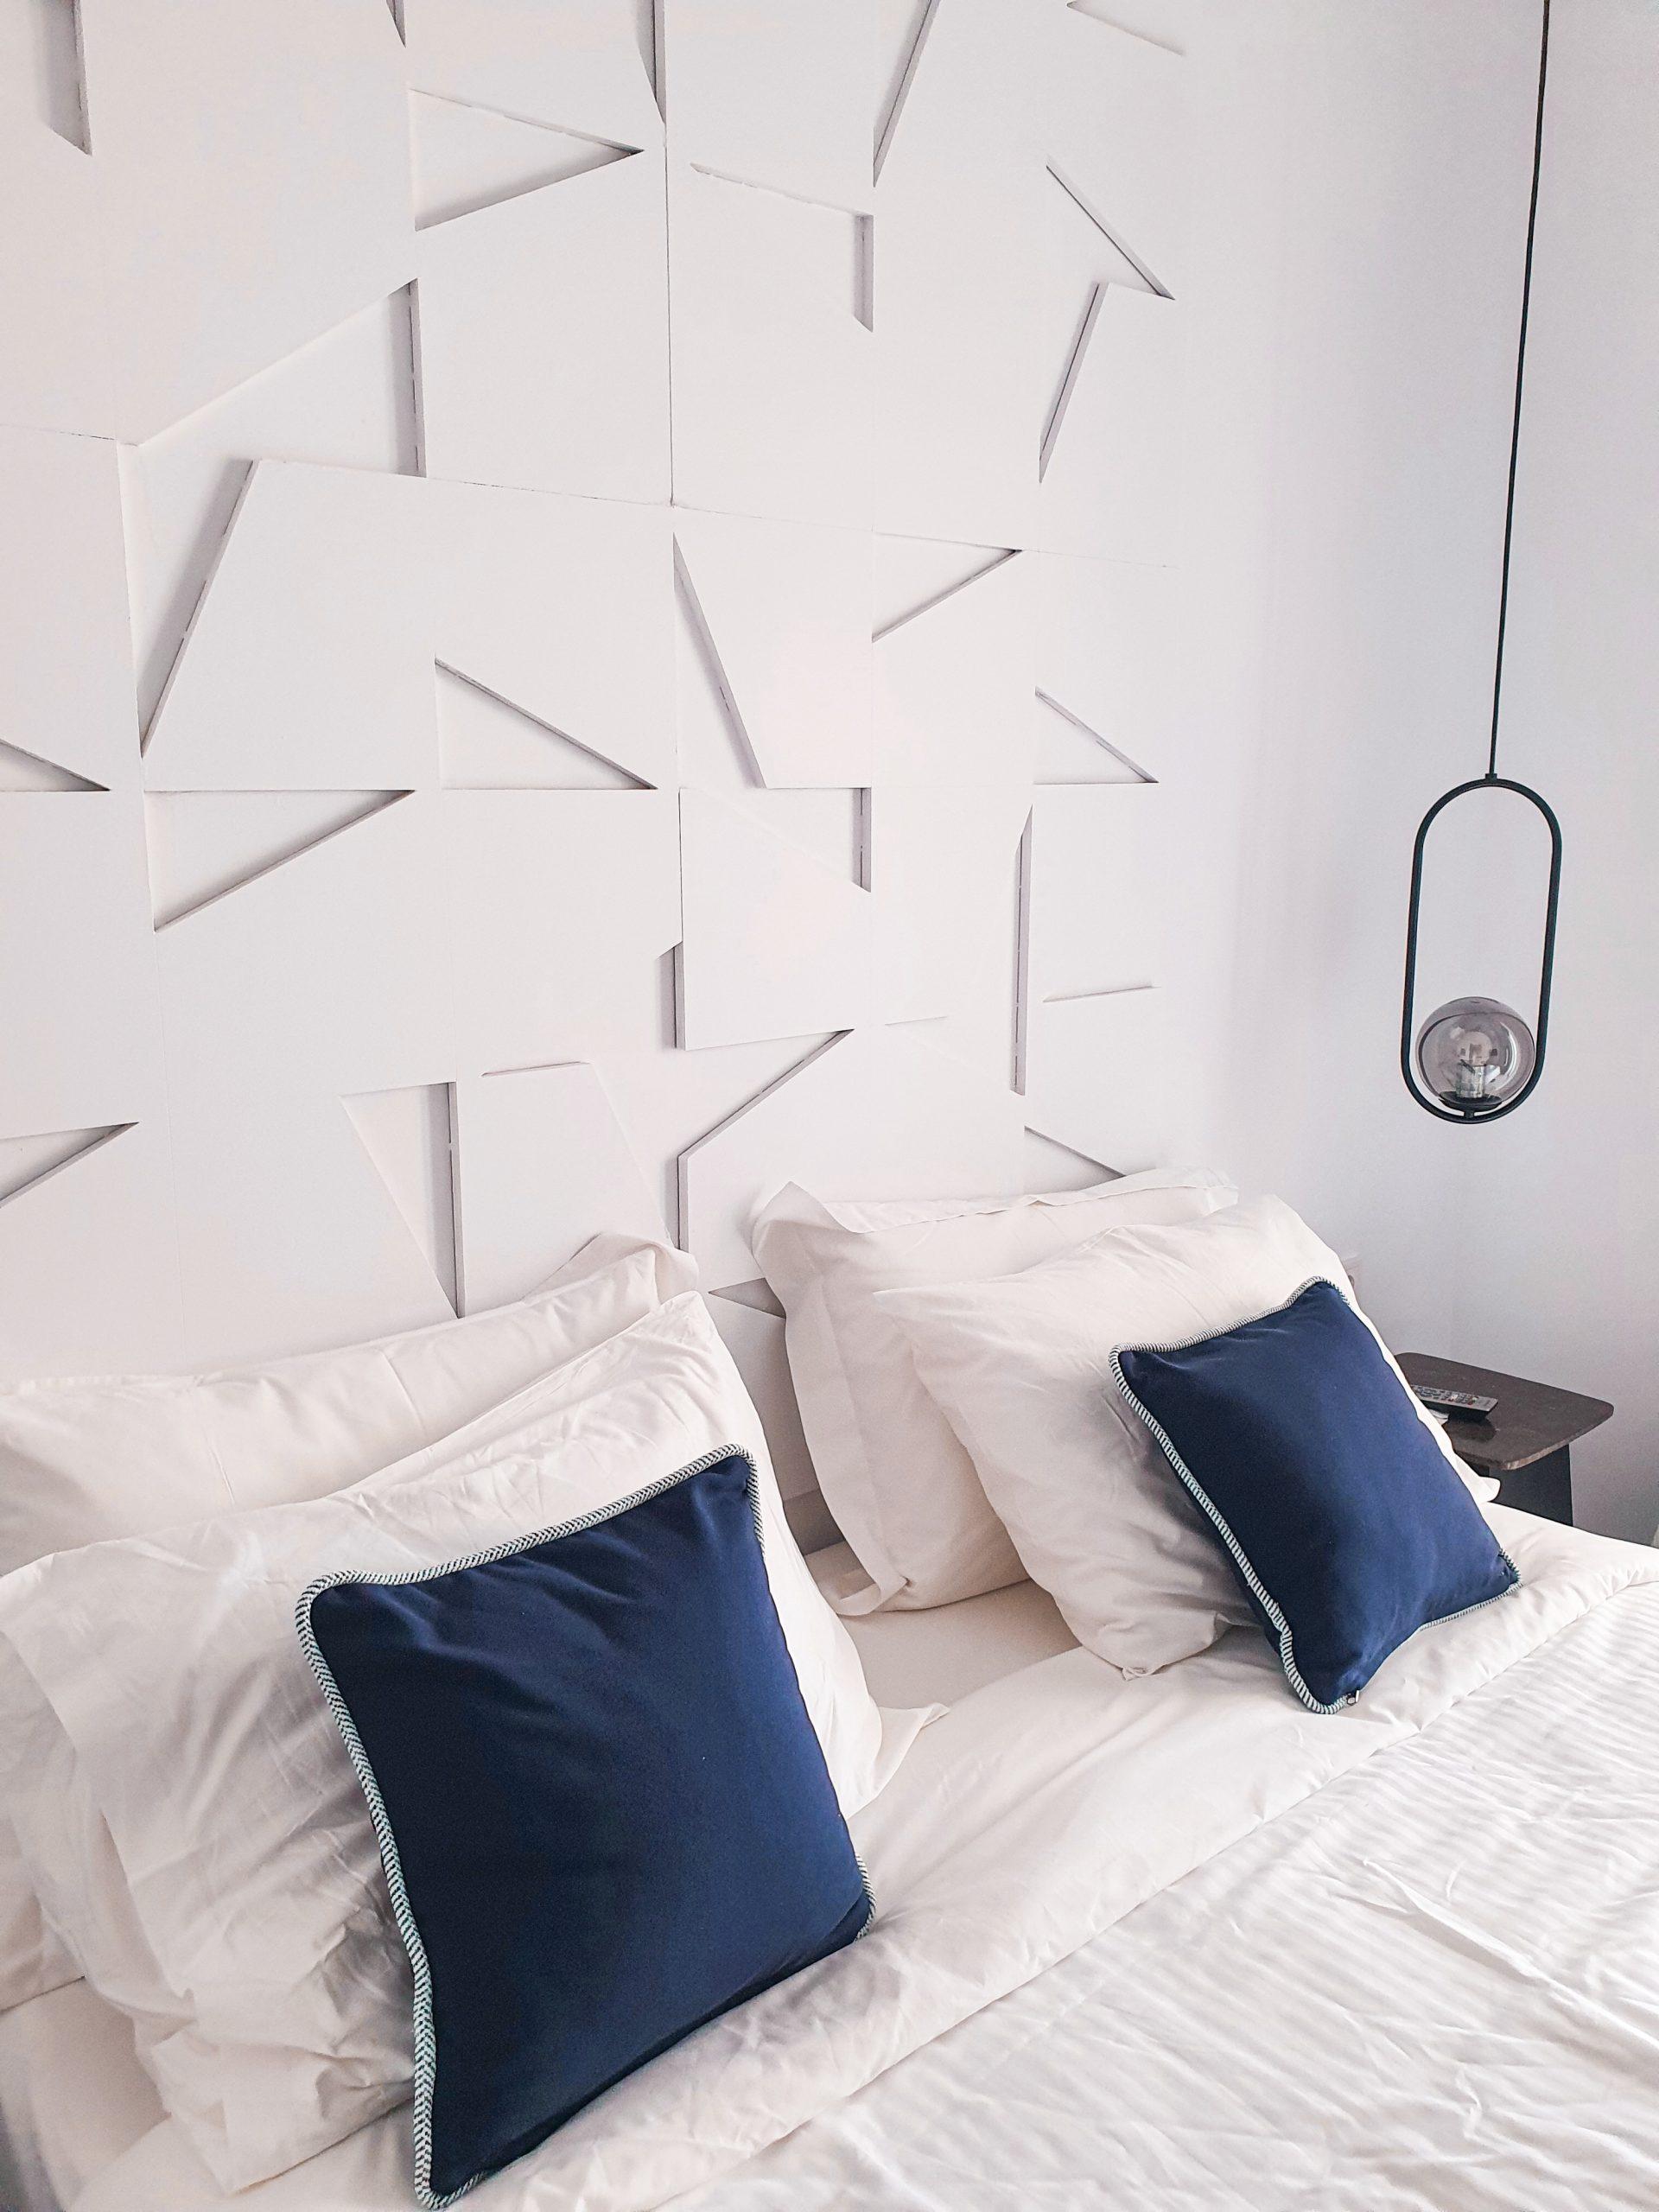 Room details at Nimbus Mykonos